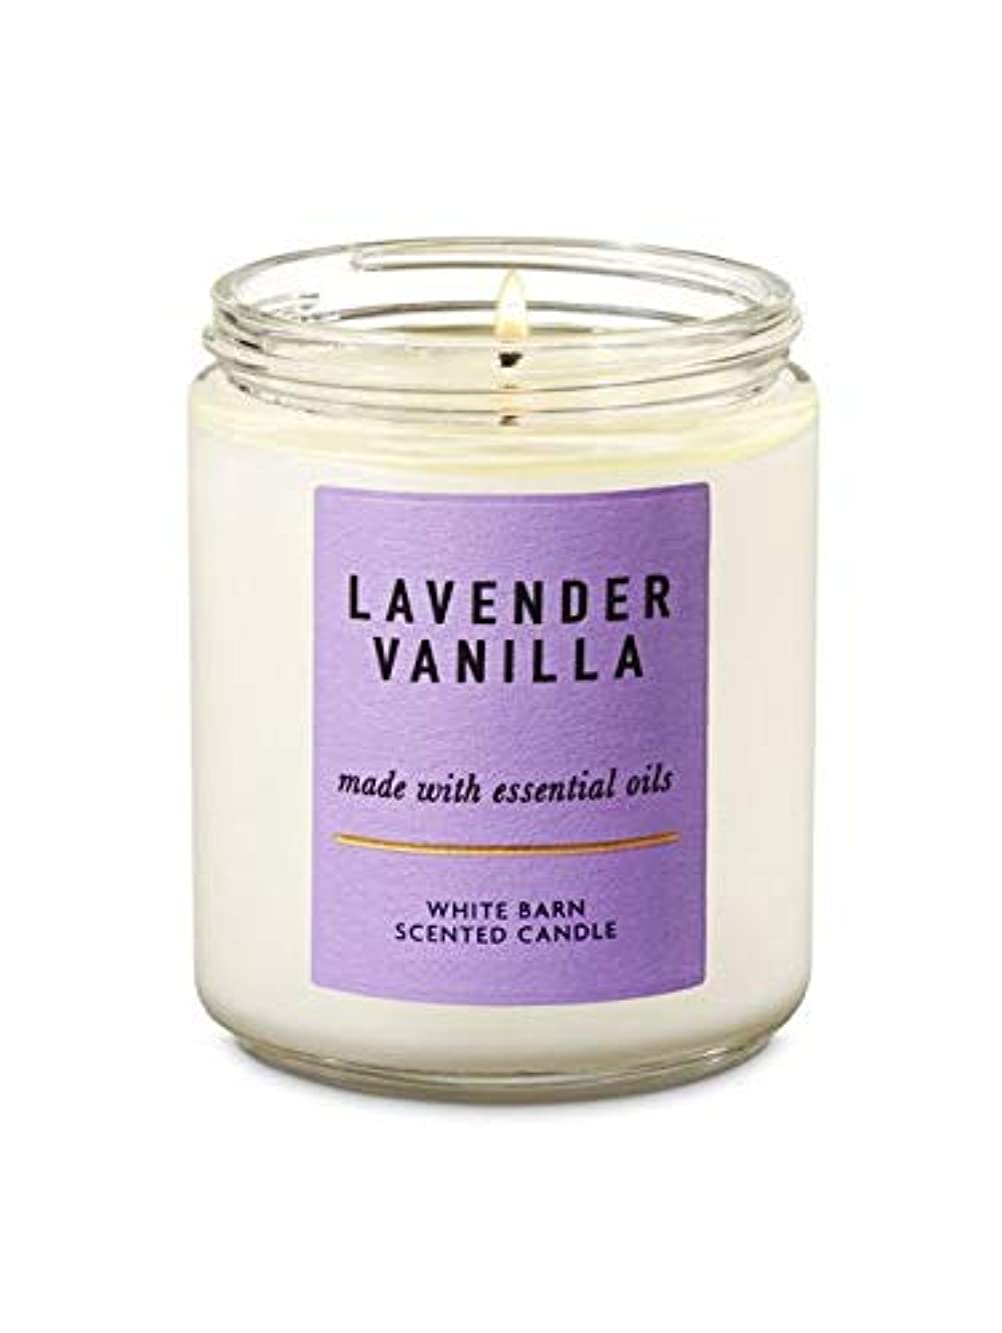 超高層ビルアスペクトアクセント【Bath&Body Works/バス&ボディワークス】 アロマキャンドル ラベンダーバニラ 1-Wick Scented Candle Lavender Vanilla 7oz/198g [並行輸入品]